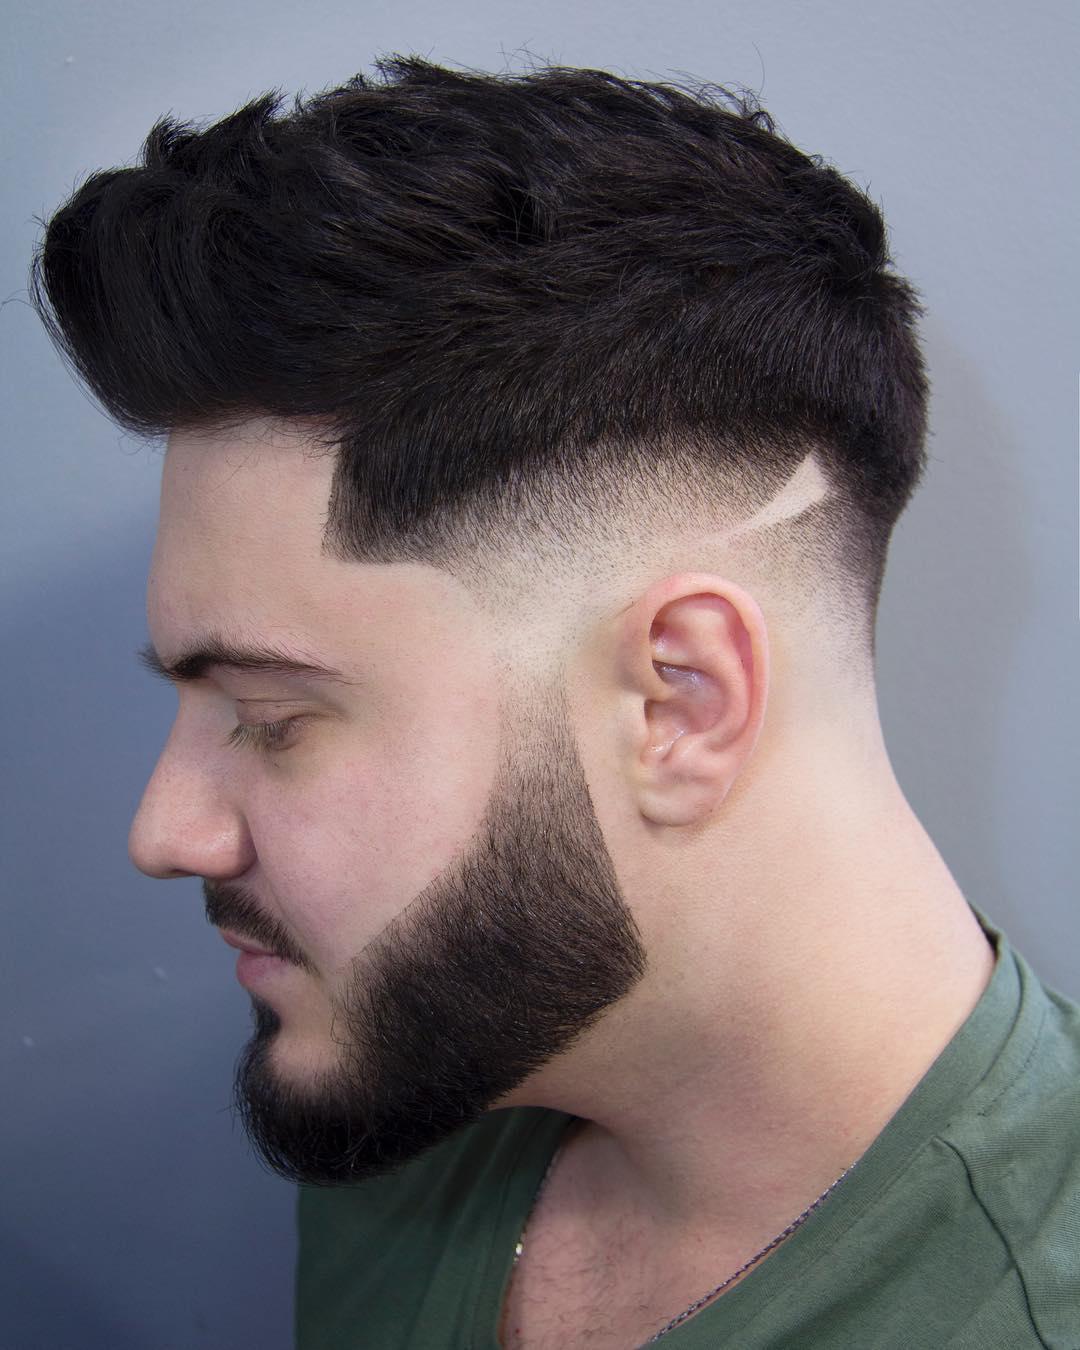 18 styles de barbe cool que vous devriez essayer 5f3f953ce5cf7 - 18 styles de barbe cool que vous devriez essayer